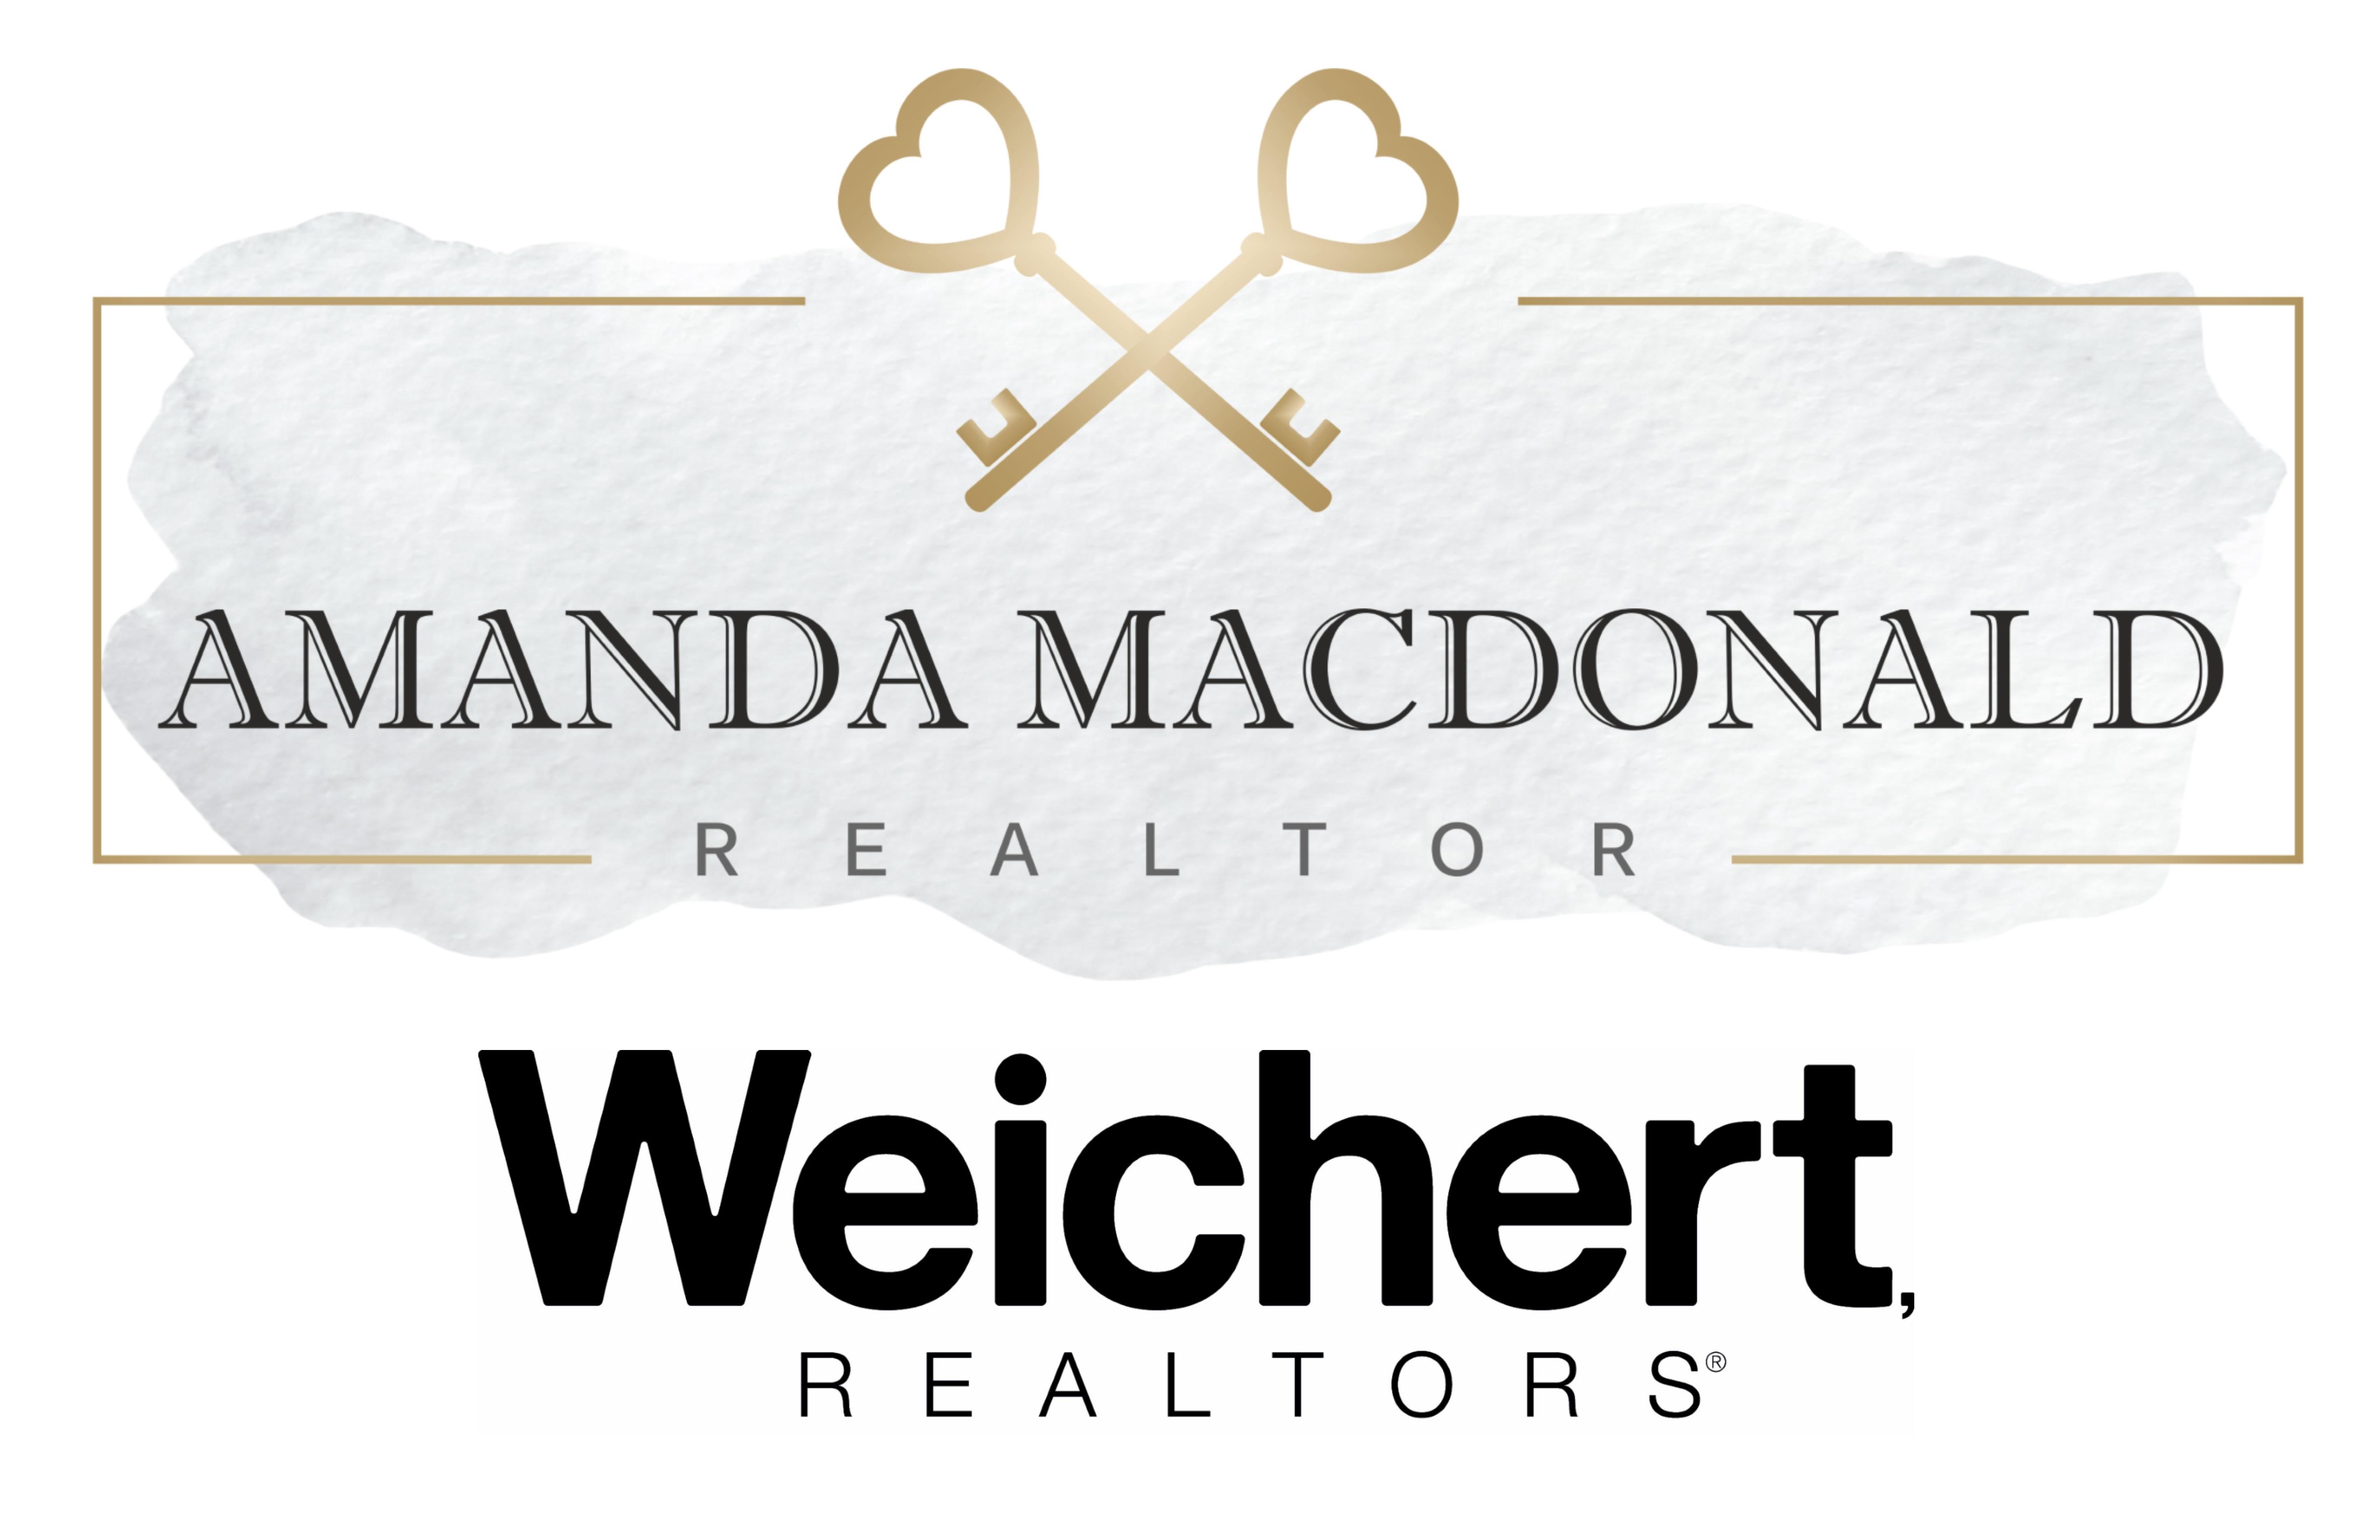 Amanda macdonald address phone number public - Amanda Macdonald Realtor